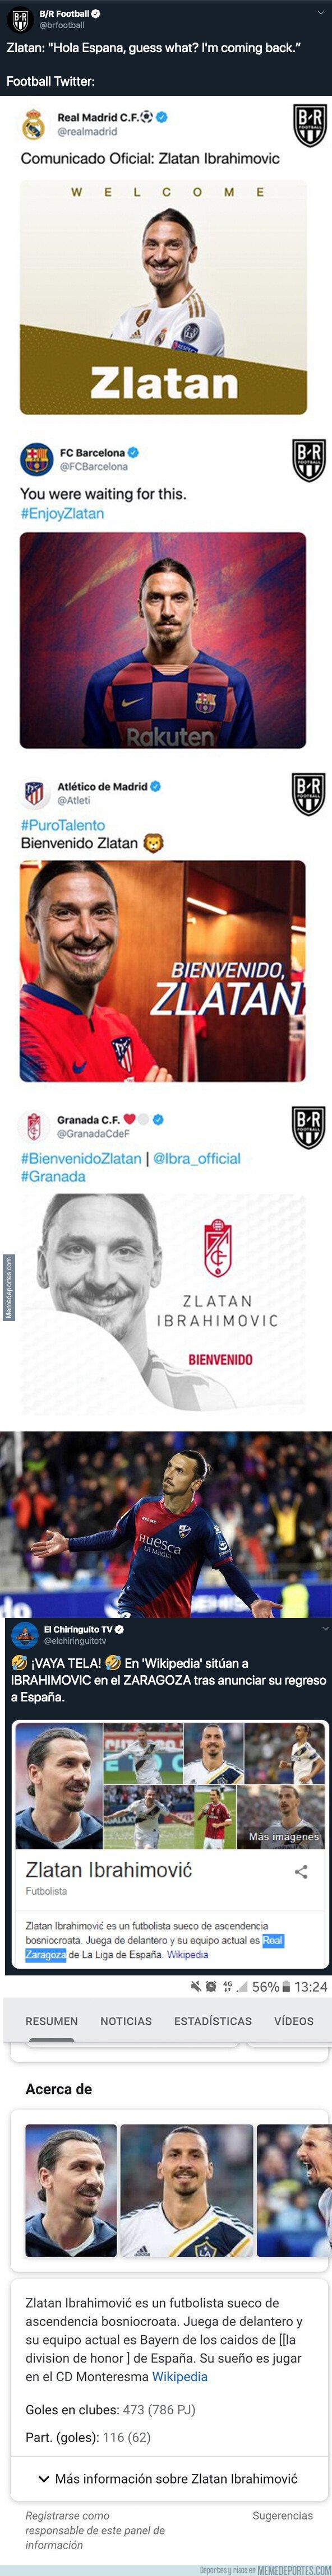 1089588 - Zlatan Ibrahimovic anuncia su vuelta a España y estas son las mejores reacciones que ha habido desde entonces